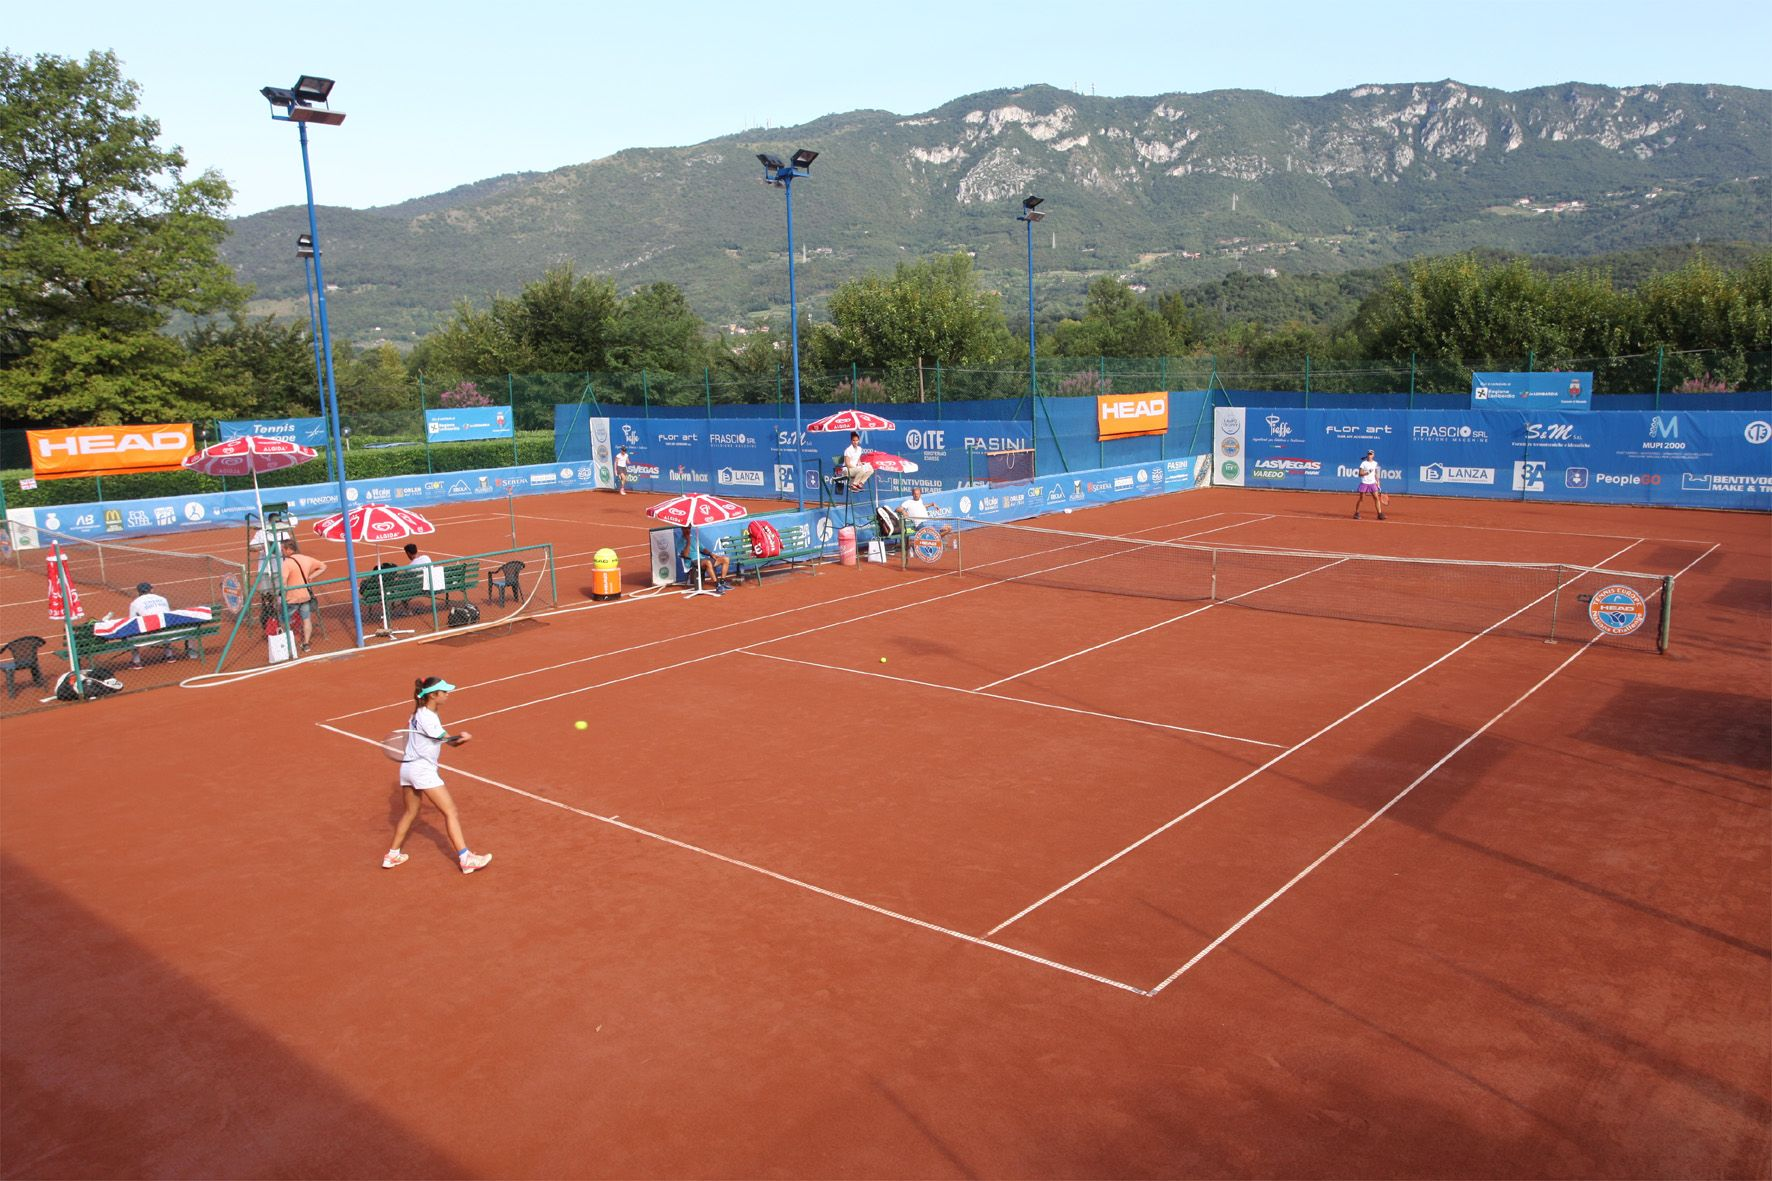 All'Olimpica Tennis di Rezzato è tutto pronto per la diciottesima edizione della Lampo Trophy Nation Cup - Foto Alvaro Maffeis